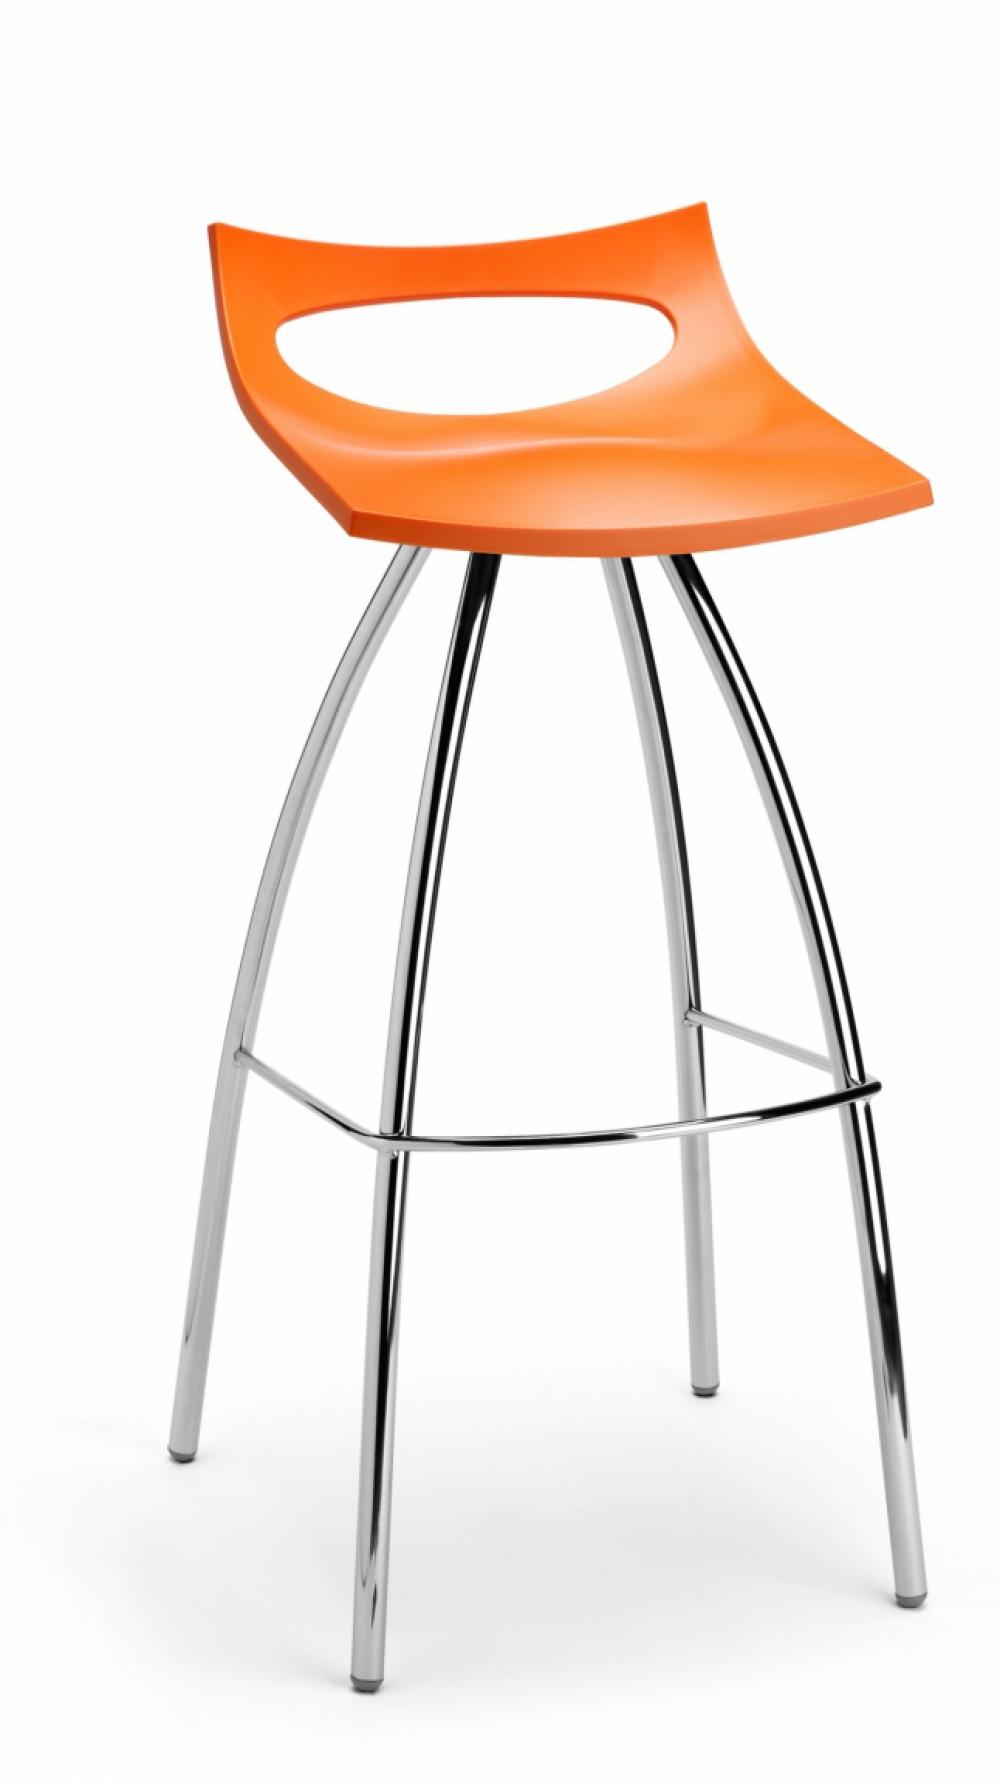 Barhocker orange verchromtes gestell barstuhl orange for Barhocker orange